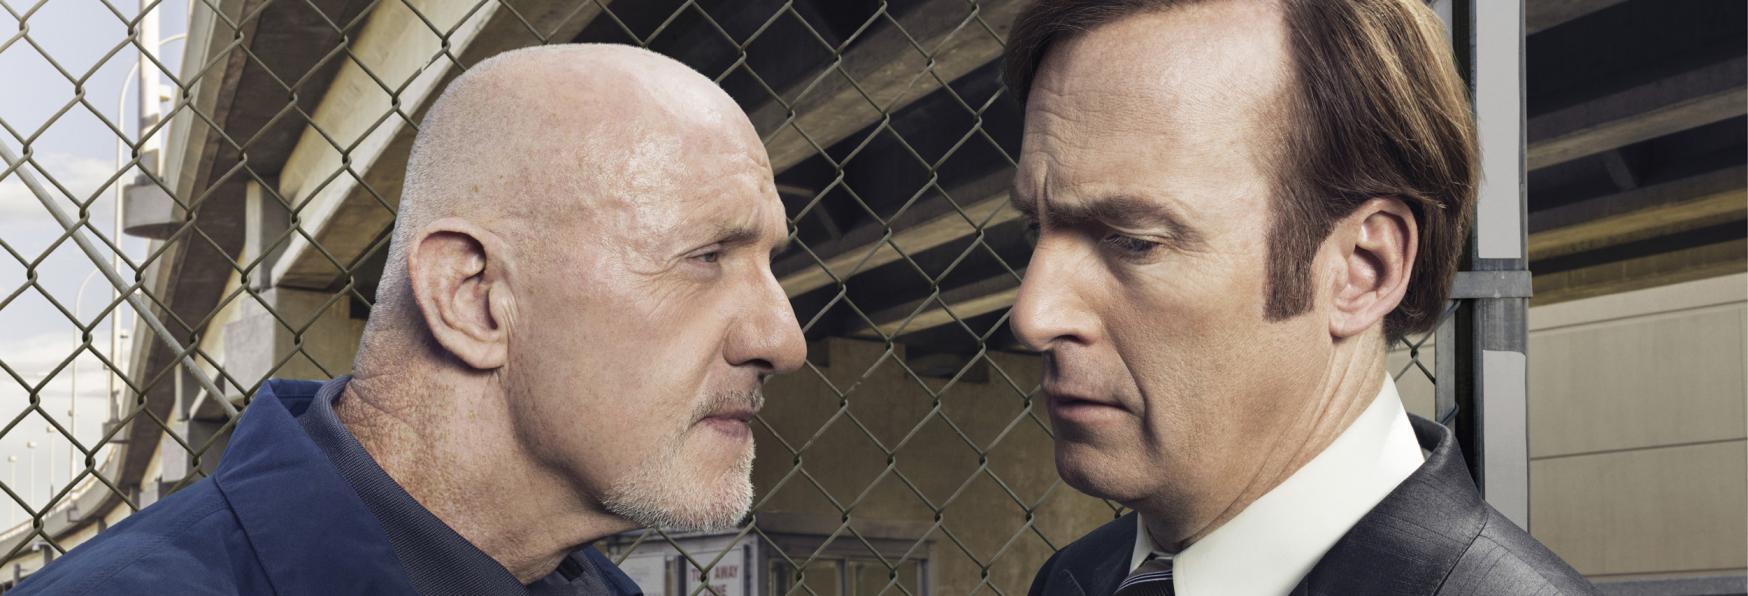 Better Call Saul 6: la stagione sarà composta da un Maggior Numero di Episodi e Uscirà nel 2021